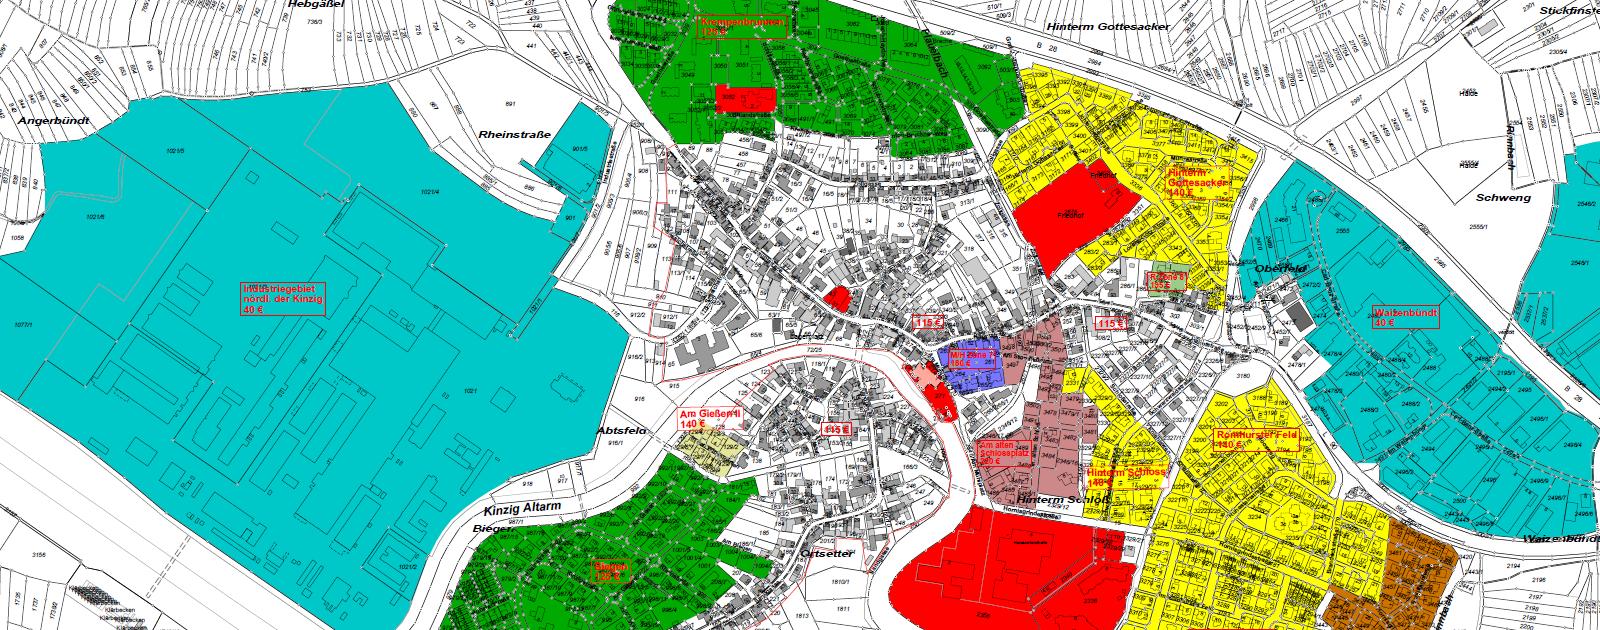 Bodenrichtwertkarte Willstätt